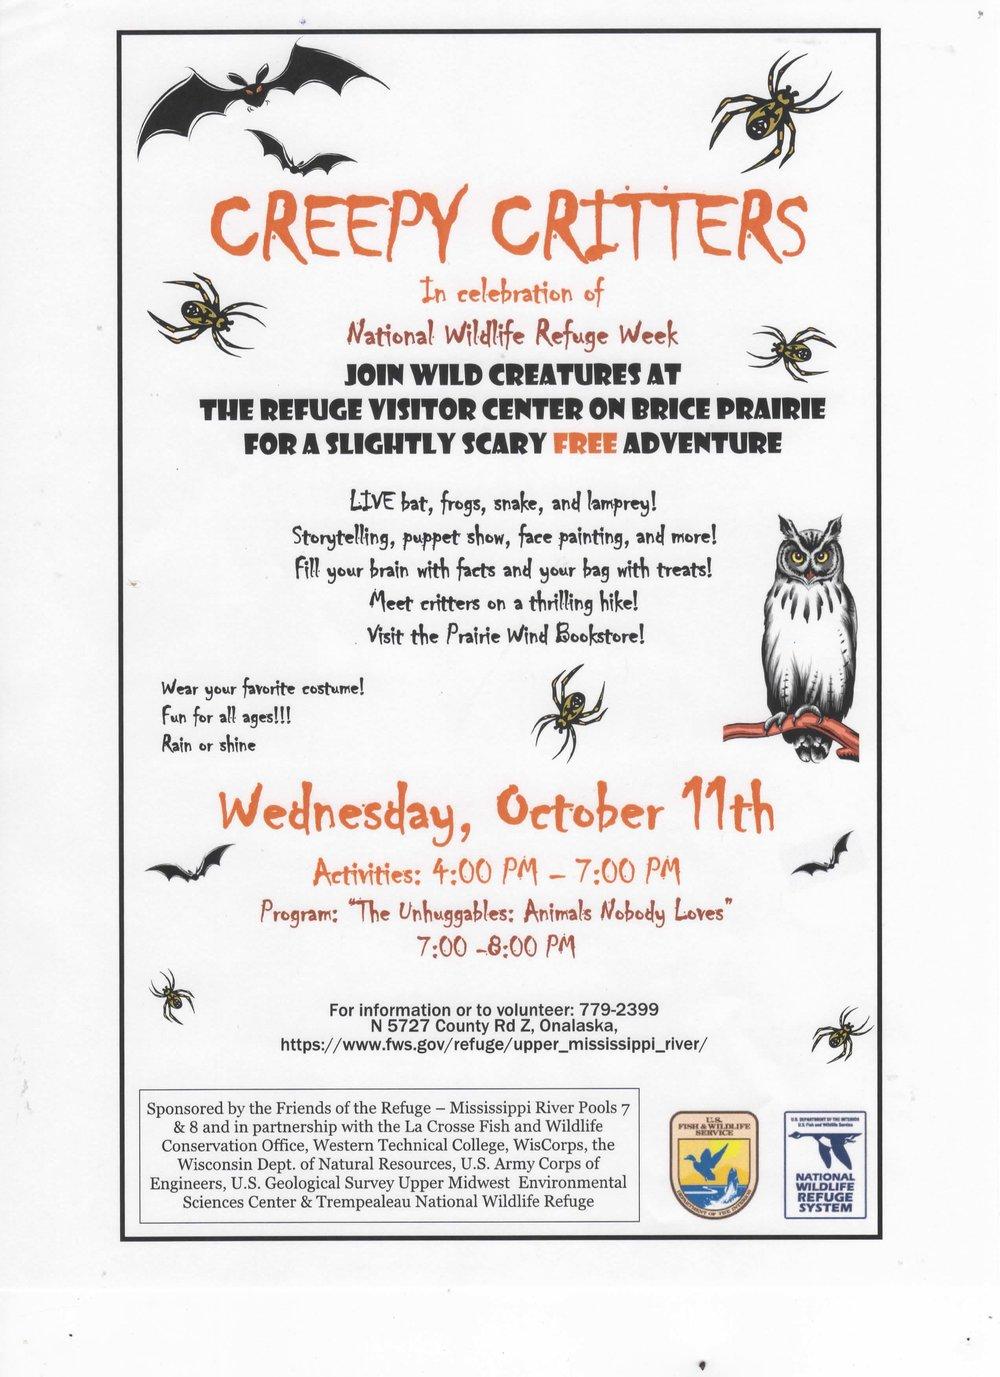 Creepy Critters Upper Mississippi Refuge Visitor Center Friends